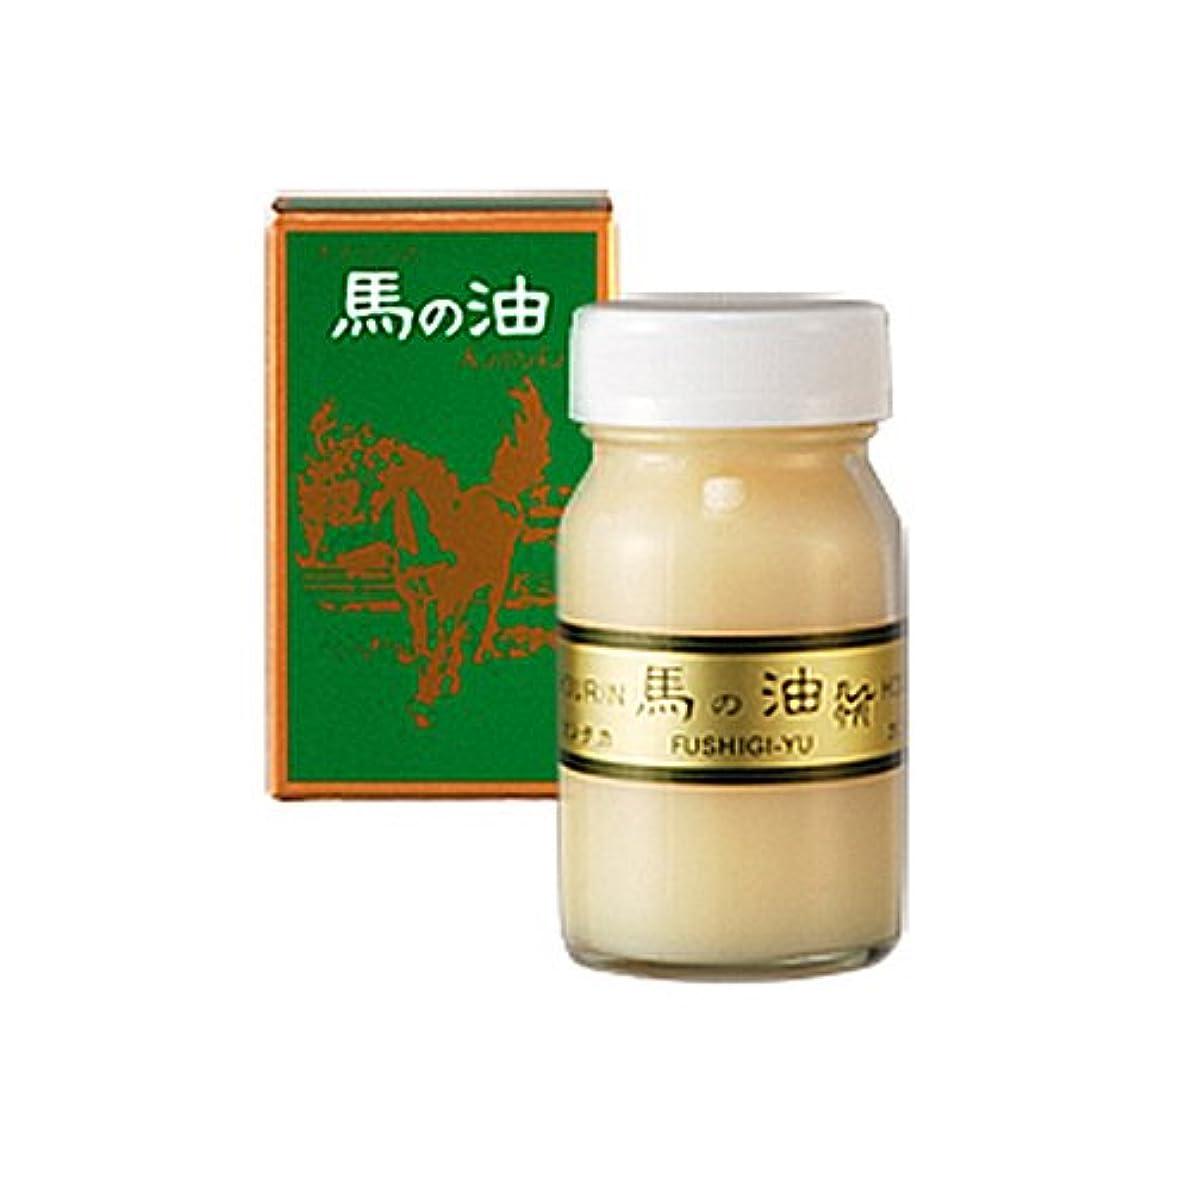 カカドゥ宿開梱ホウリン 馬の油 カンタカ 65ml ×10セット